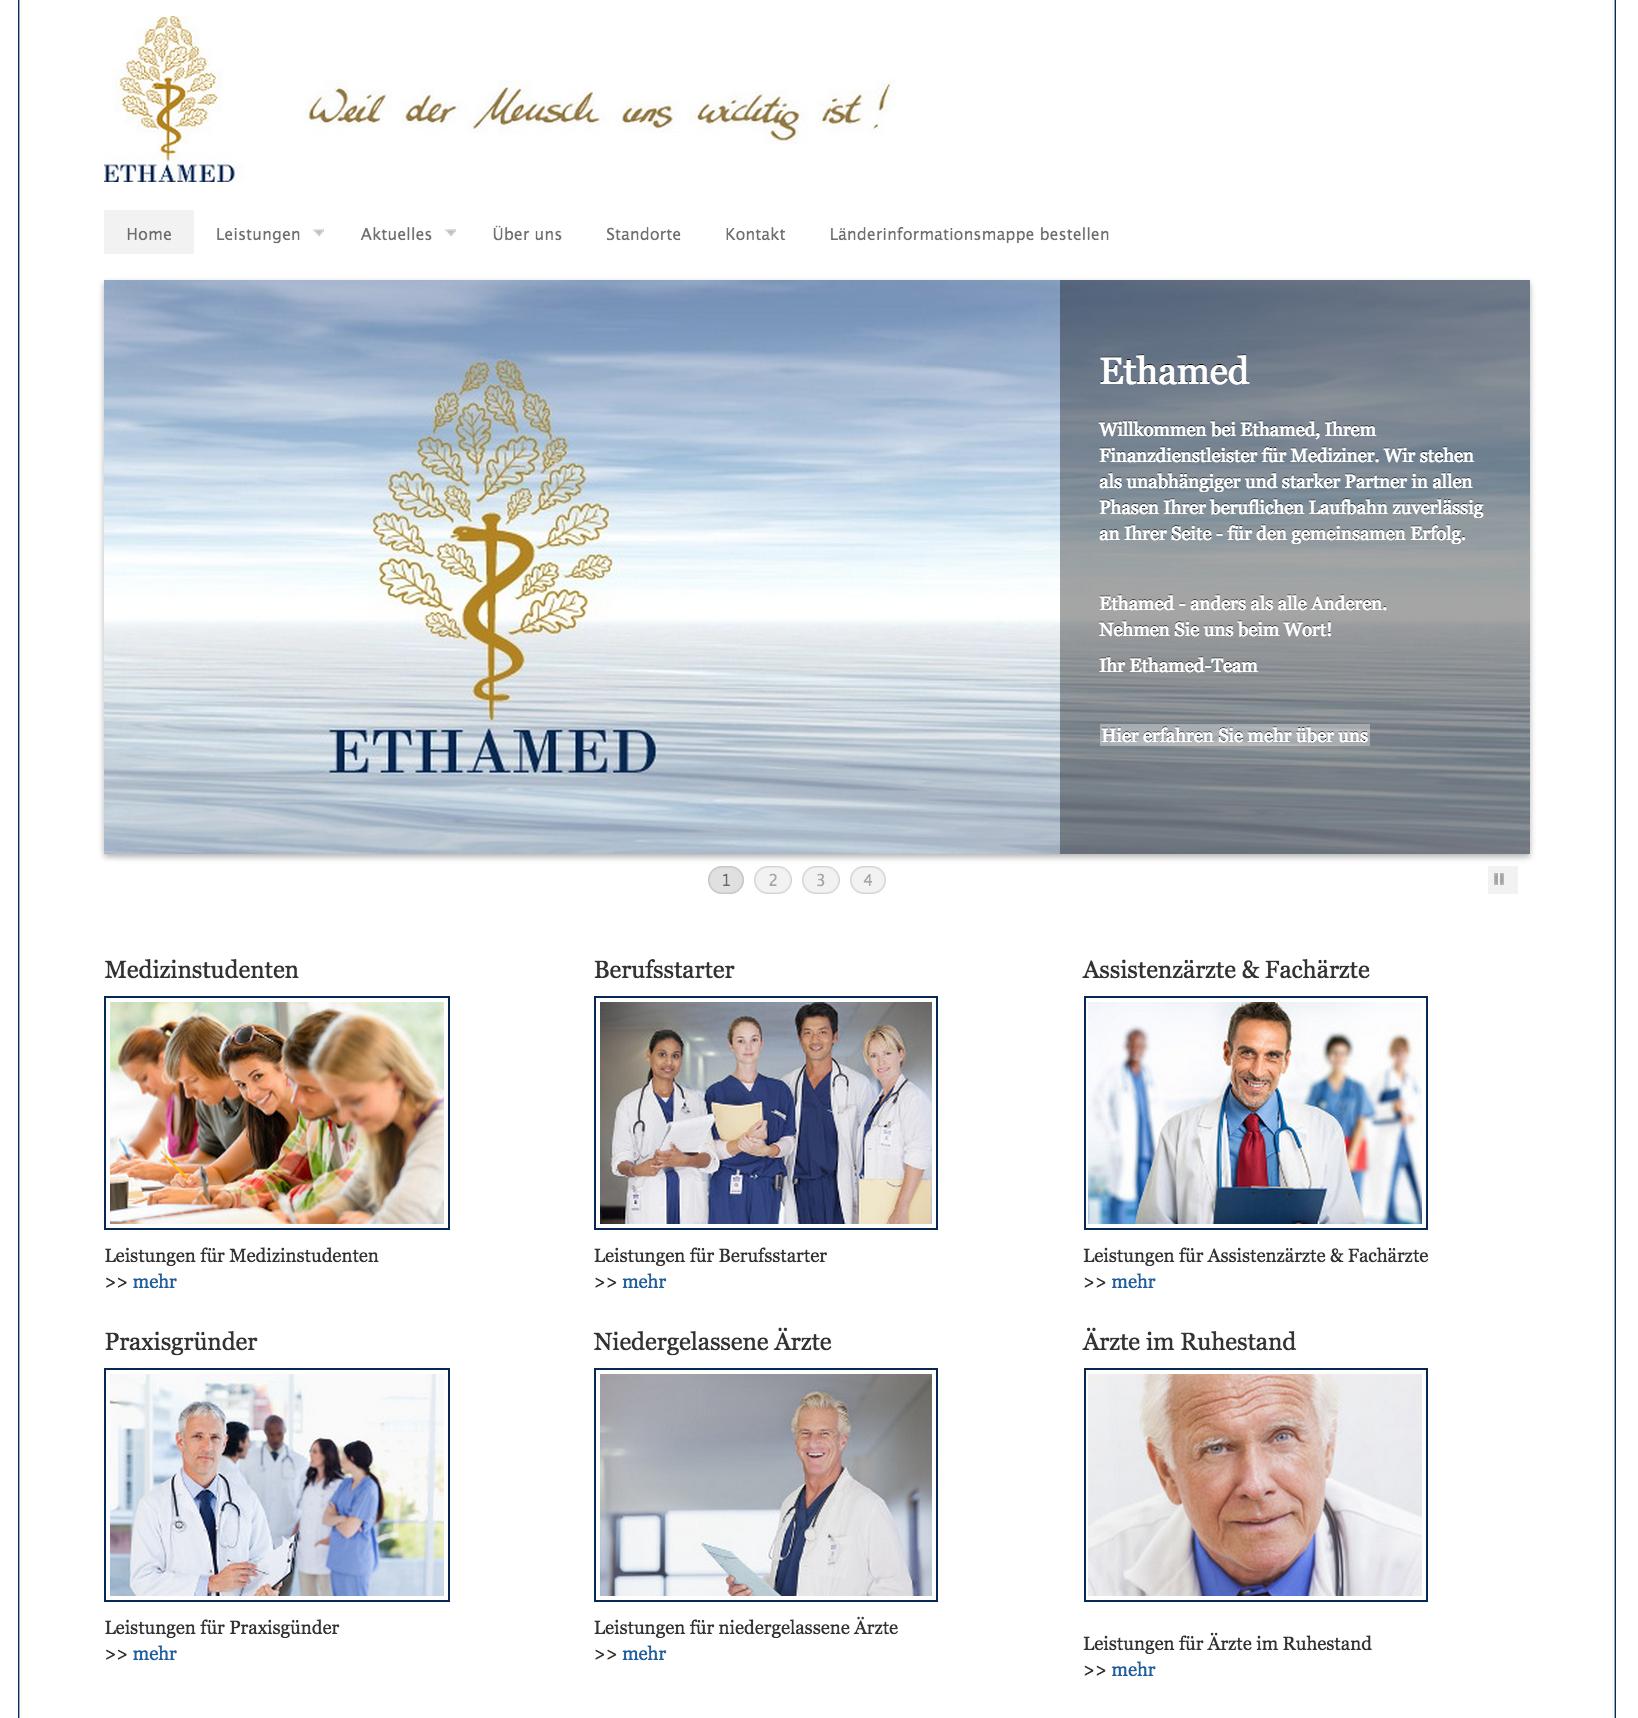 ethamed_finanzdienstleistungen_mediziner